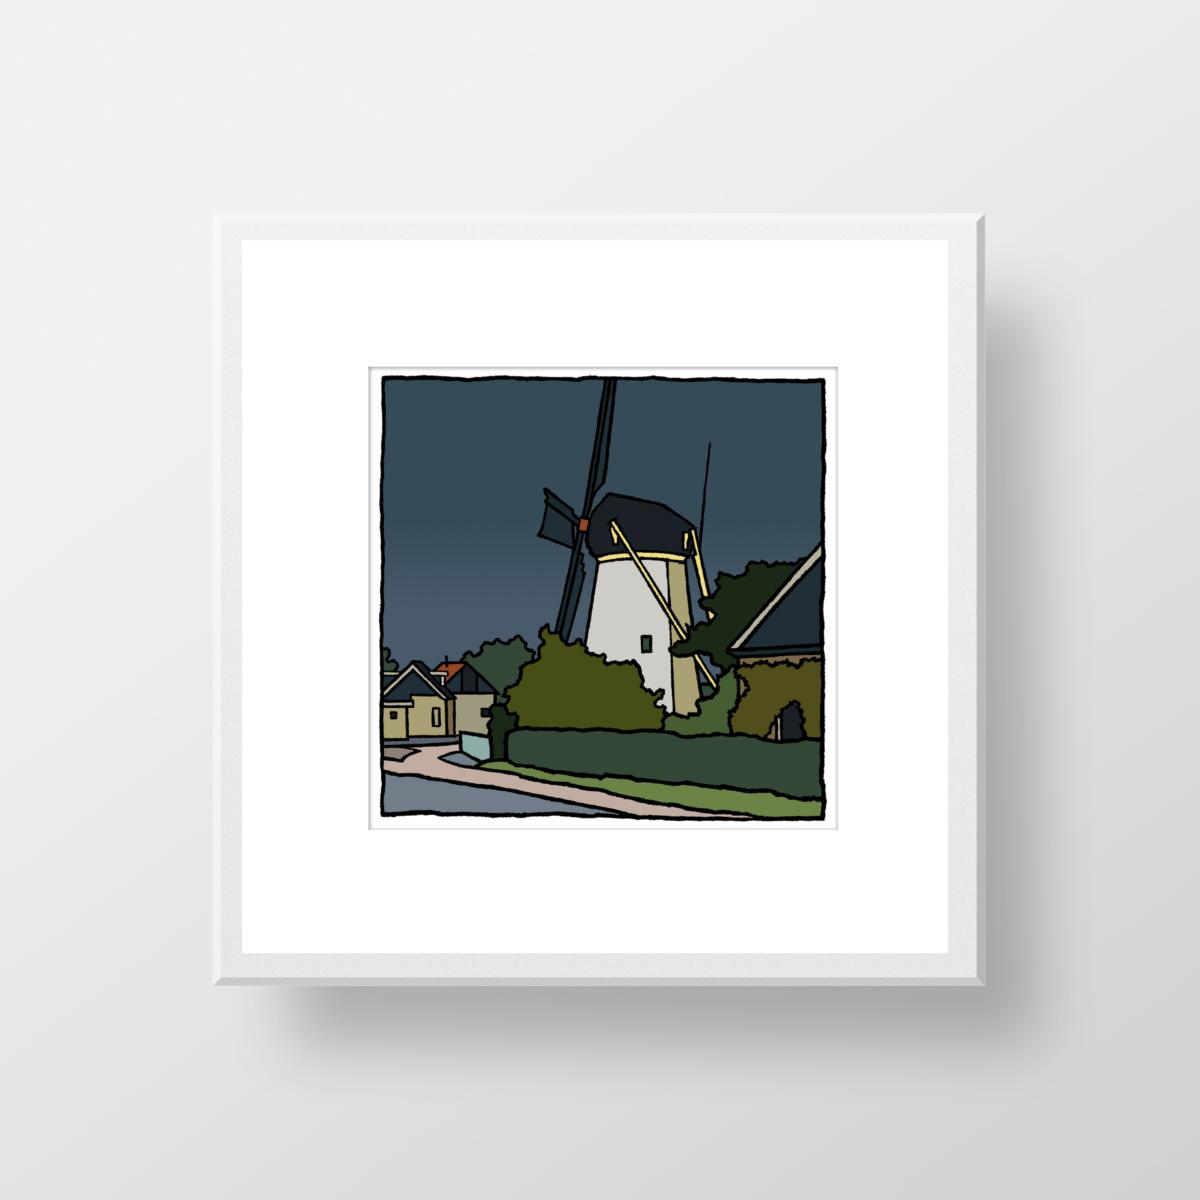 De molen van Nieuwenhoorn als fine art print gemaakt door de kunstenaar Wim van Willegen.